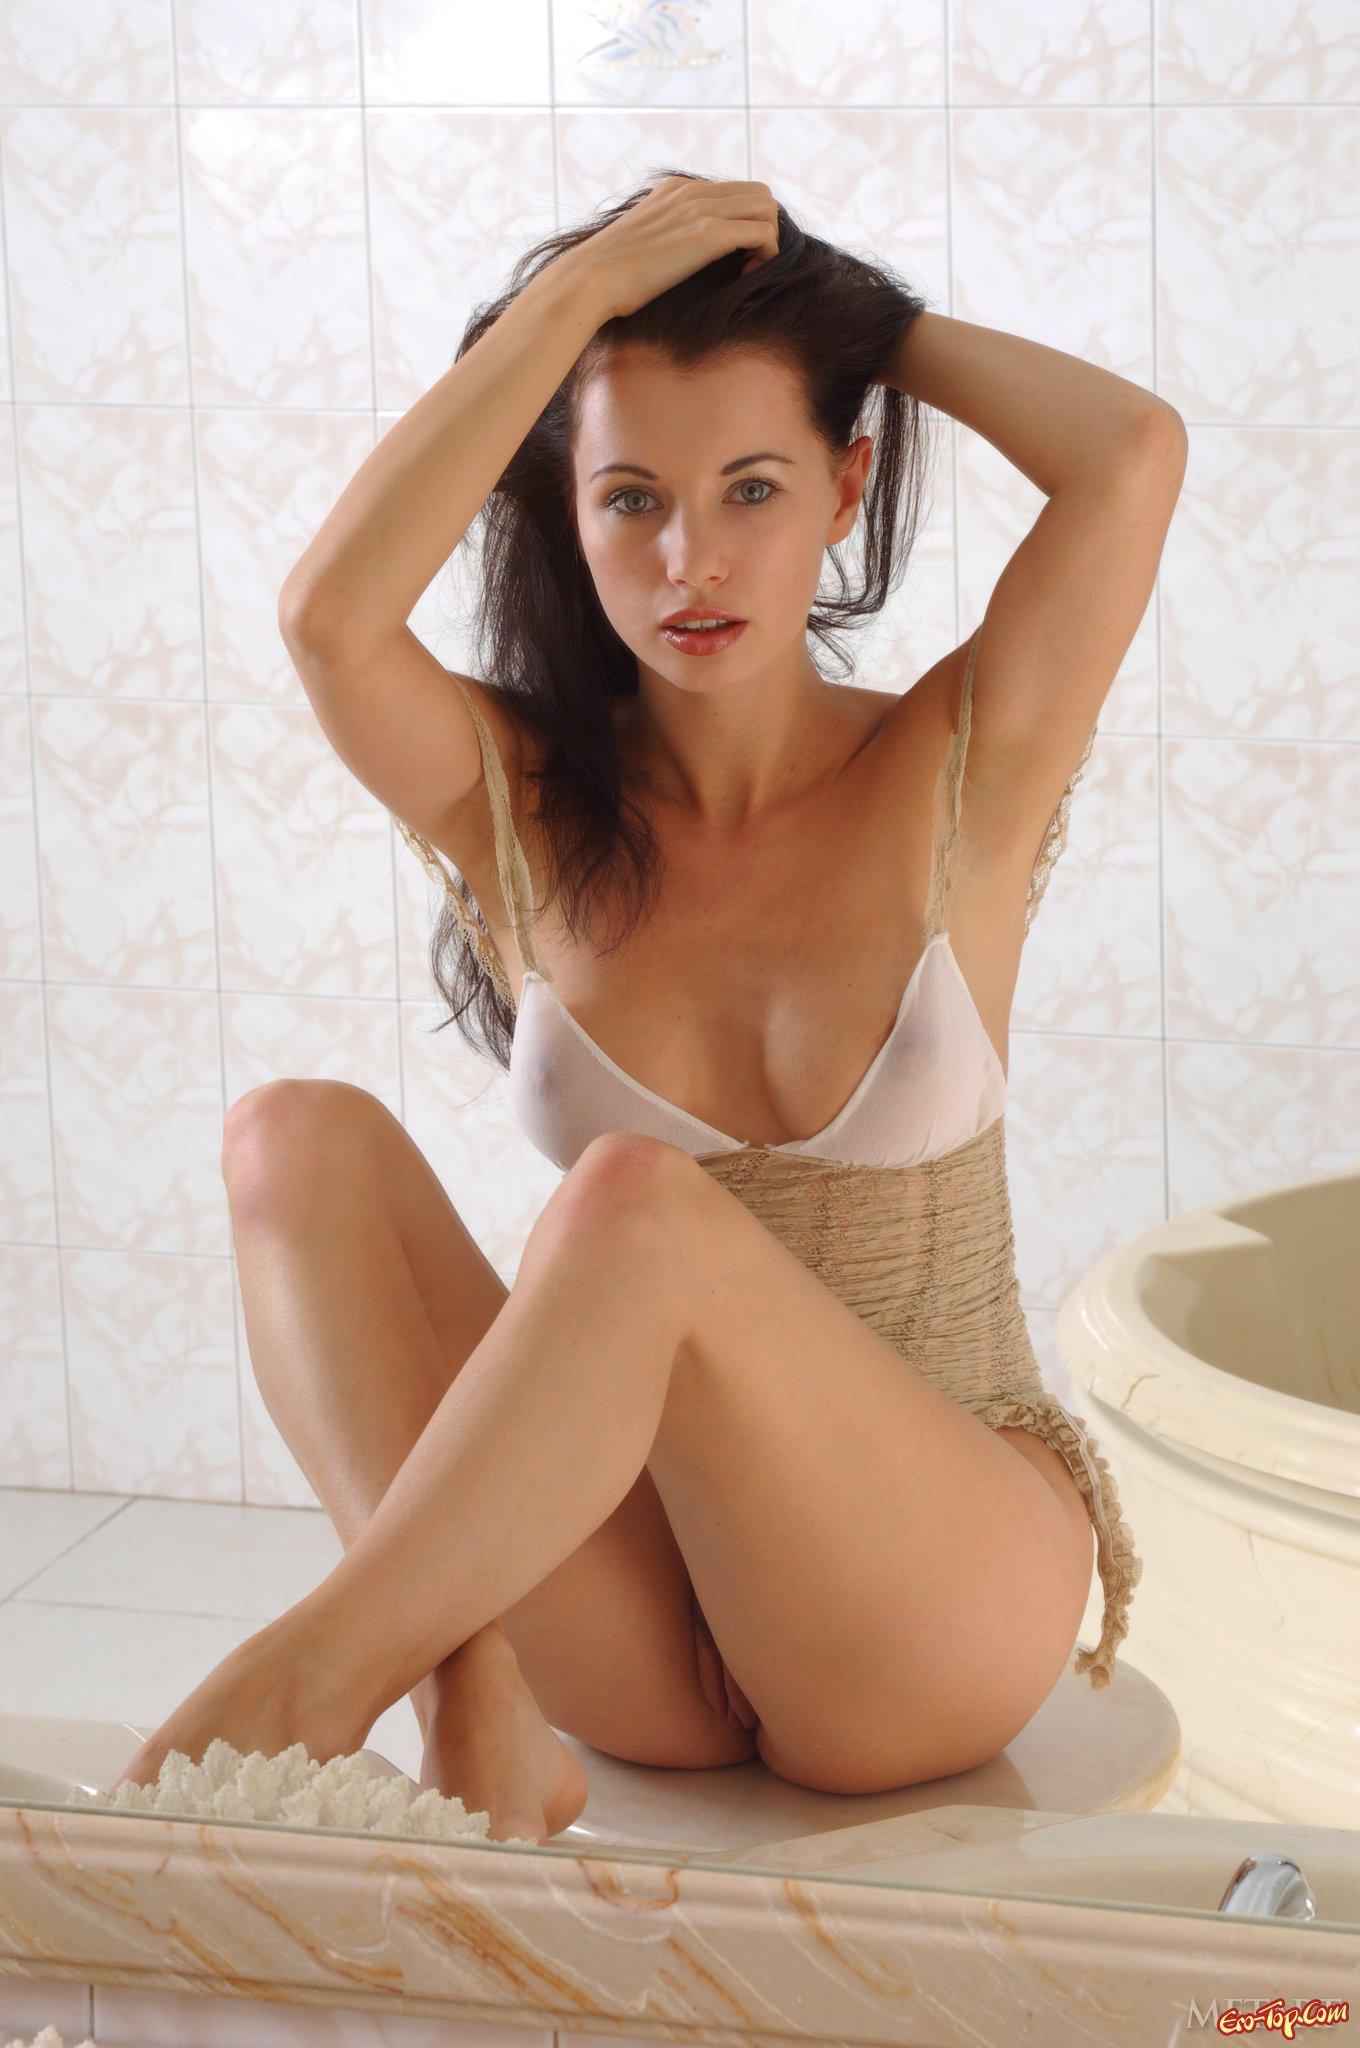 Сучка в ванной